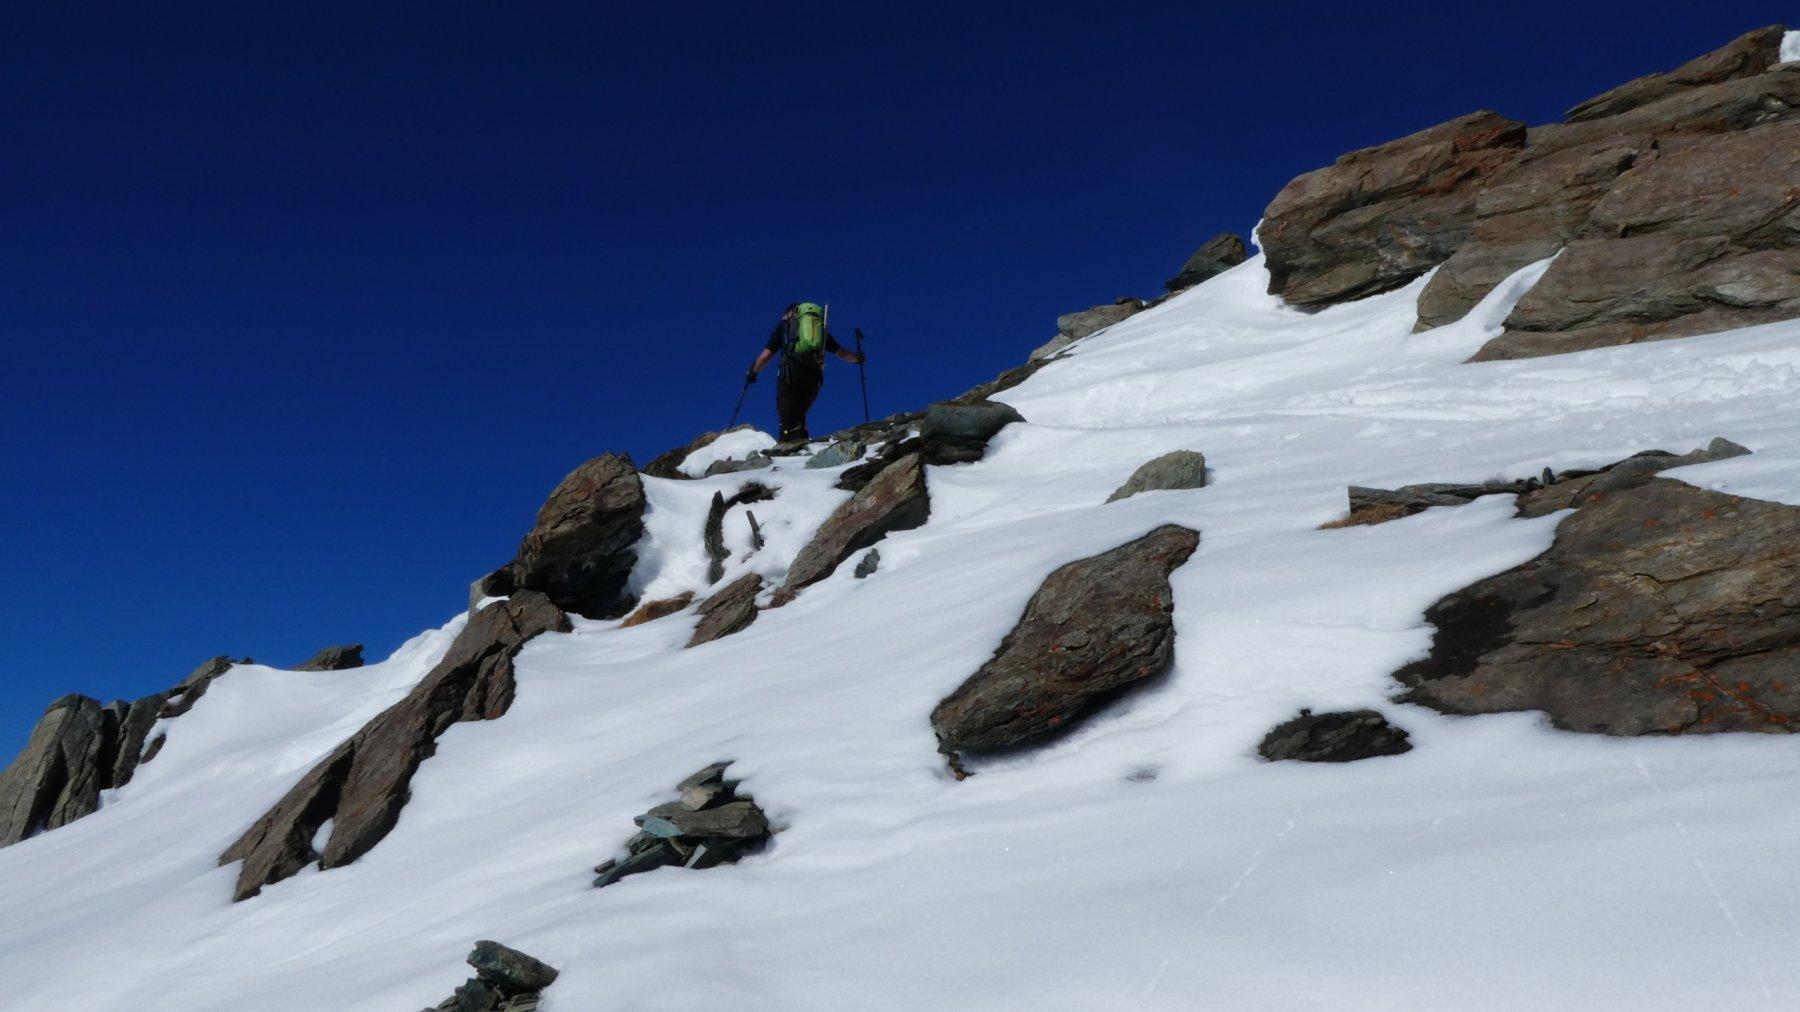 passaggi in cresta, tra rampe nevose e roccette affioranti